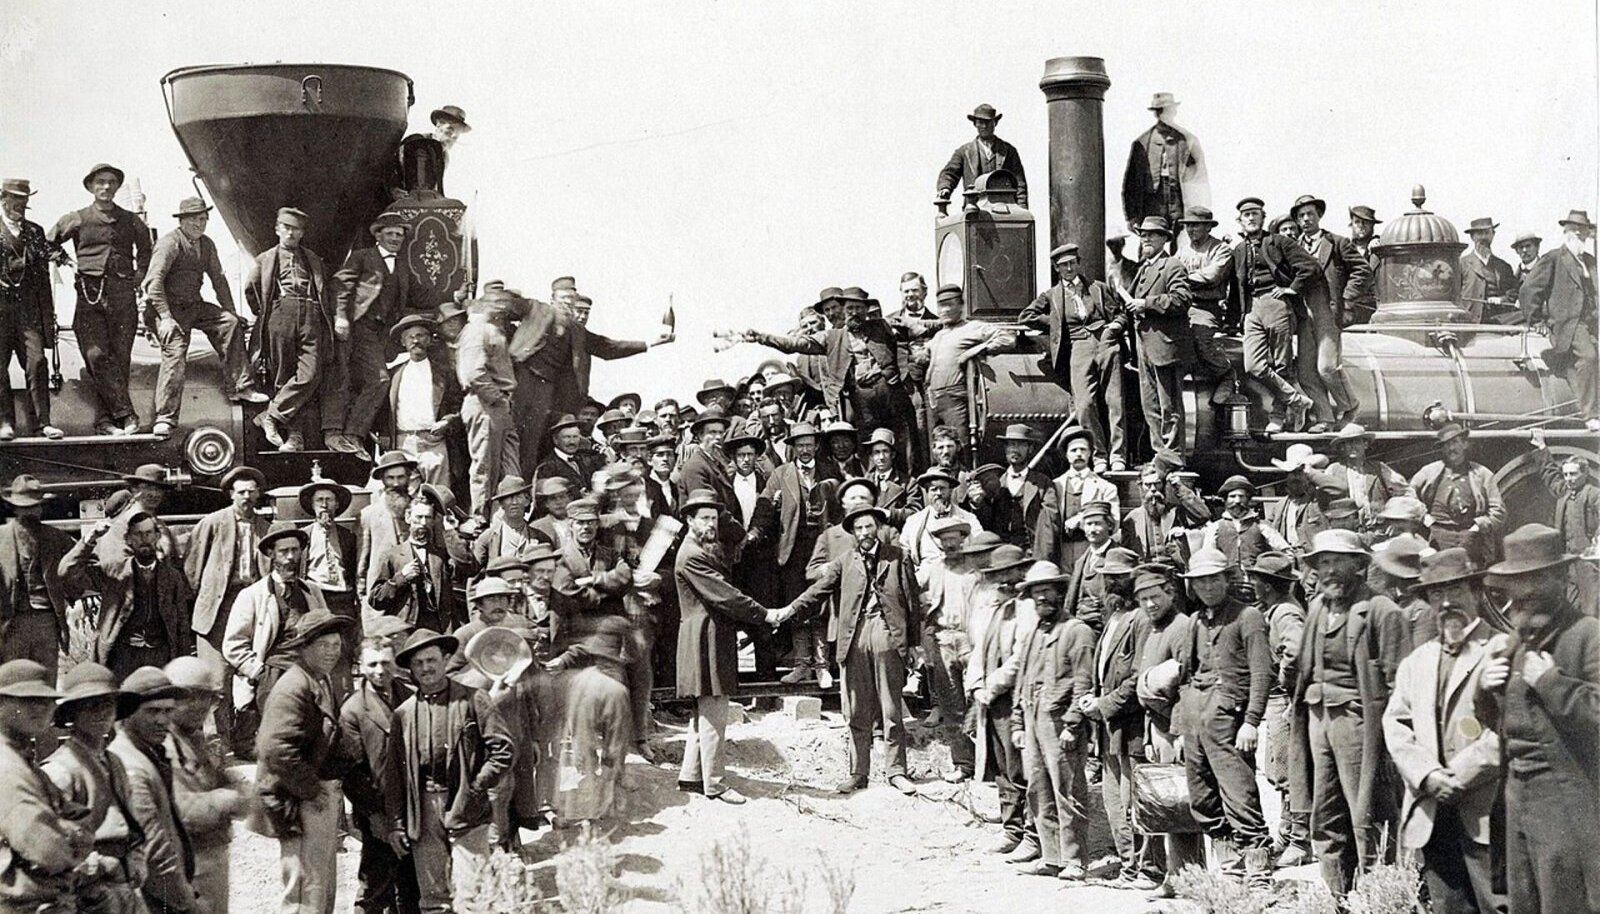 Central Pacific Railroad alustas raudtee ehitamist Californiast ja liikus itta ning samal ajal alustas Union Pacific Railroad Mississippi jõe äärest ja suundus läände. Kaks raudteed kohtusid 10. mail 1869 Promontory Summitis – kohas, kus viimasesse liiprisse taoti kuldne nael. (Foto: Wikimedia Commons)